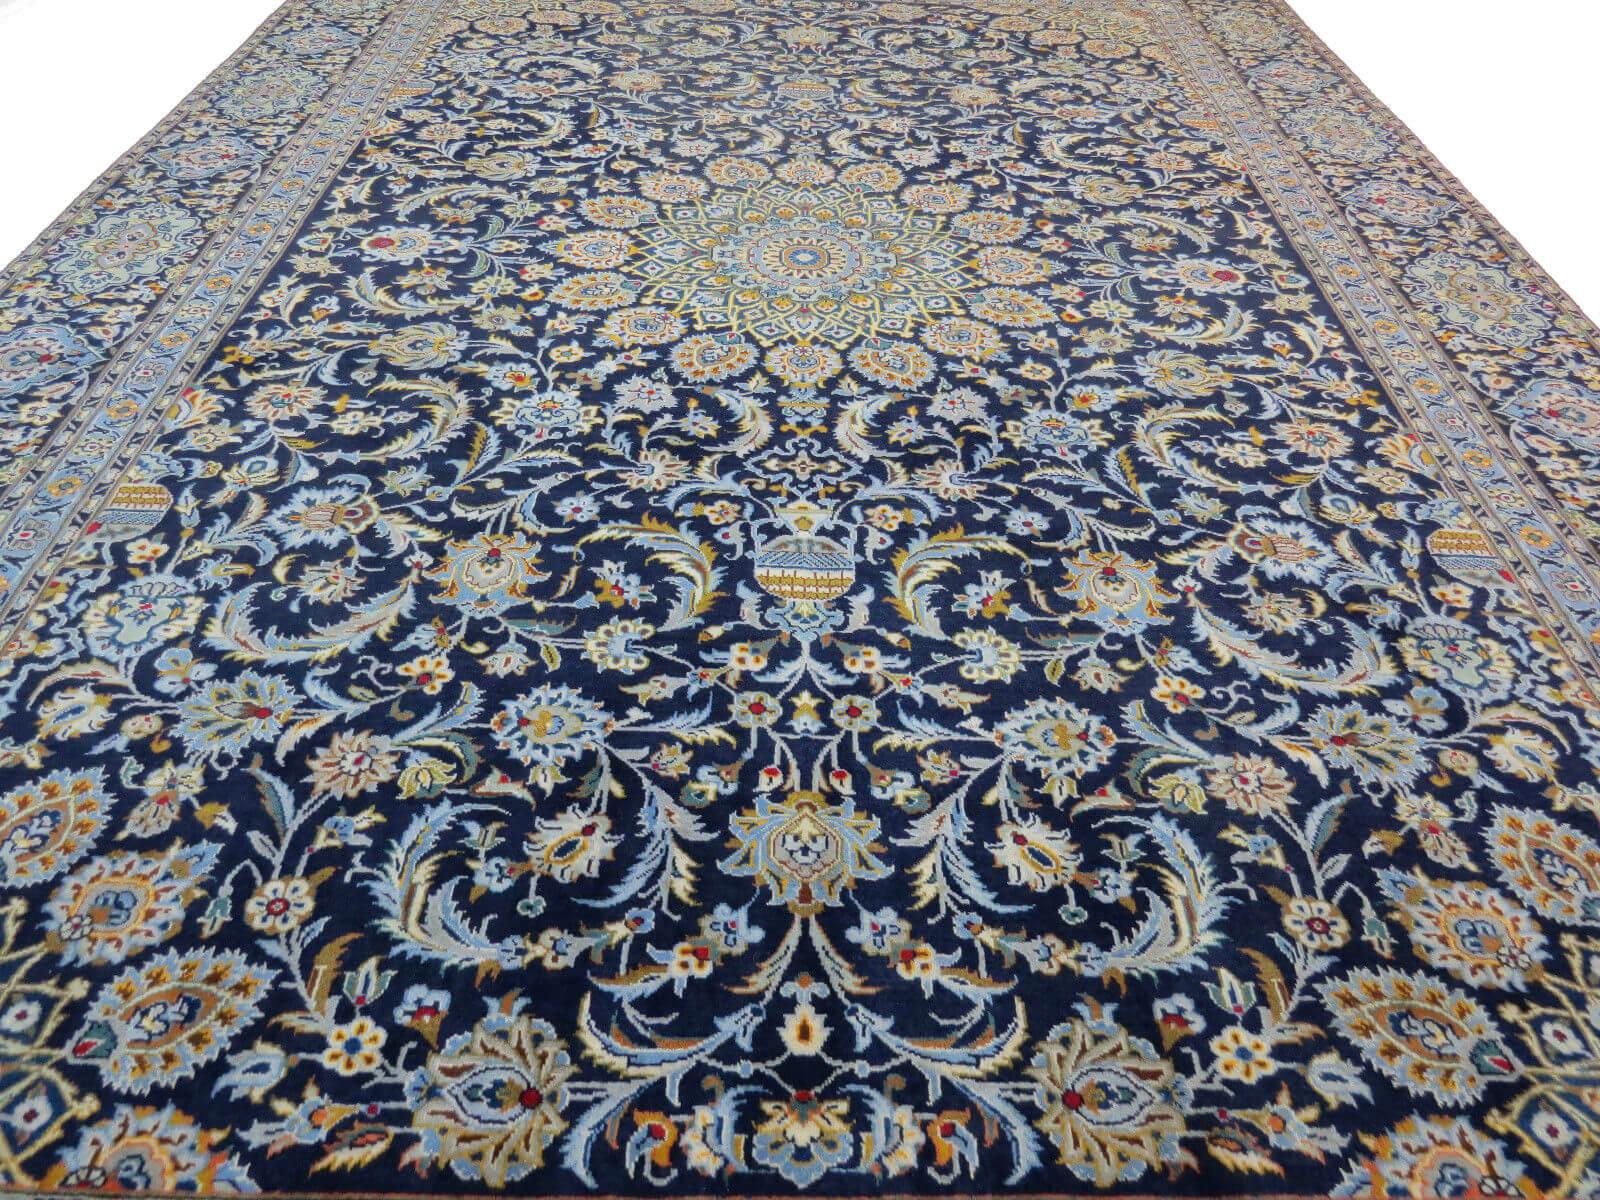 Blauw Perzisch Tapijt : Fraai perzisch kashan tapijt blauw cm top staat